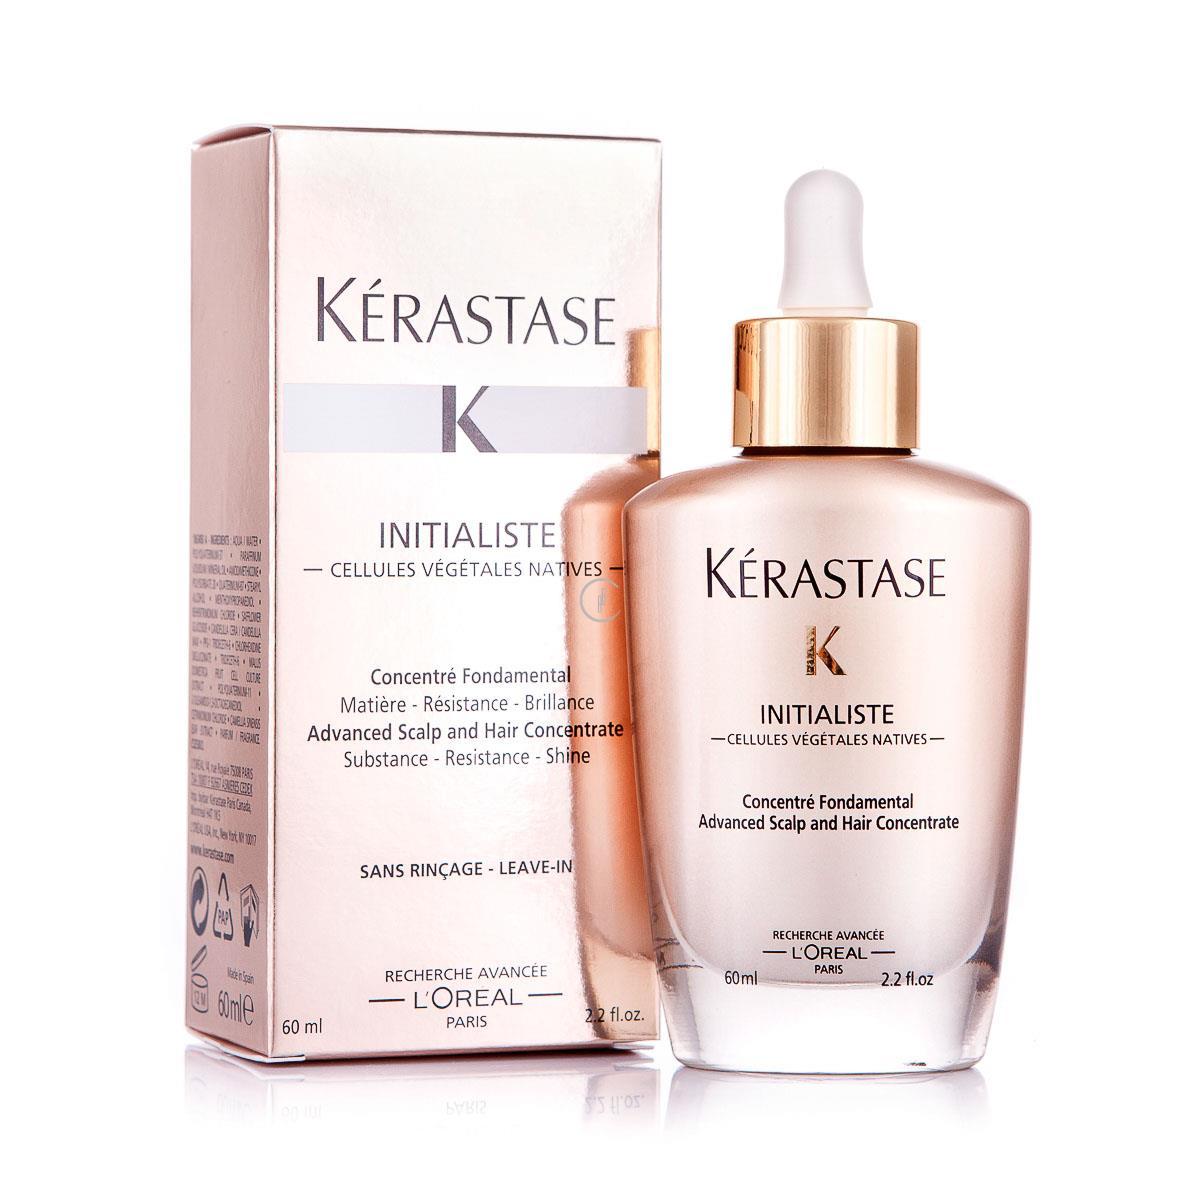 KERASTASE Initialiste 60ml - Serum wzmacniające, odżywiające i pogrubiające do skóry głowy i włosów